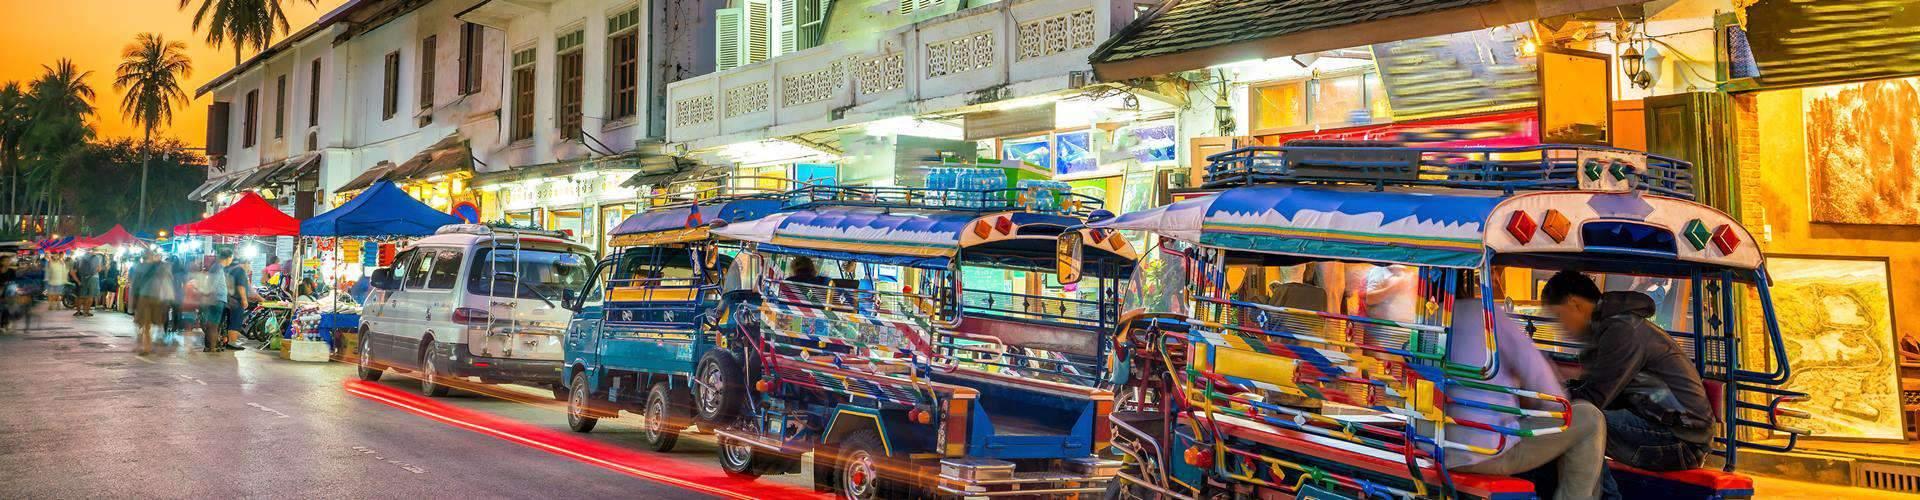 Luang Prabang Street in old town